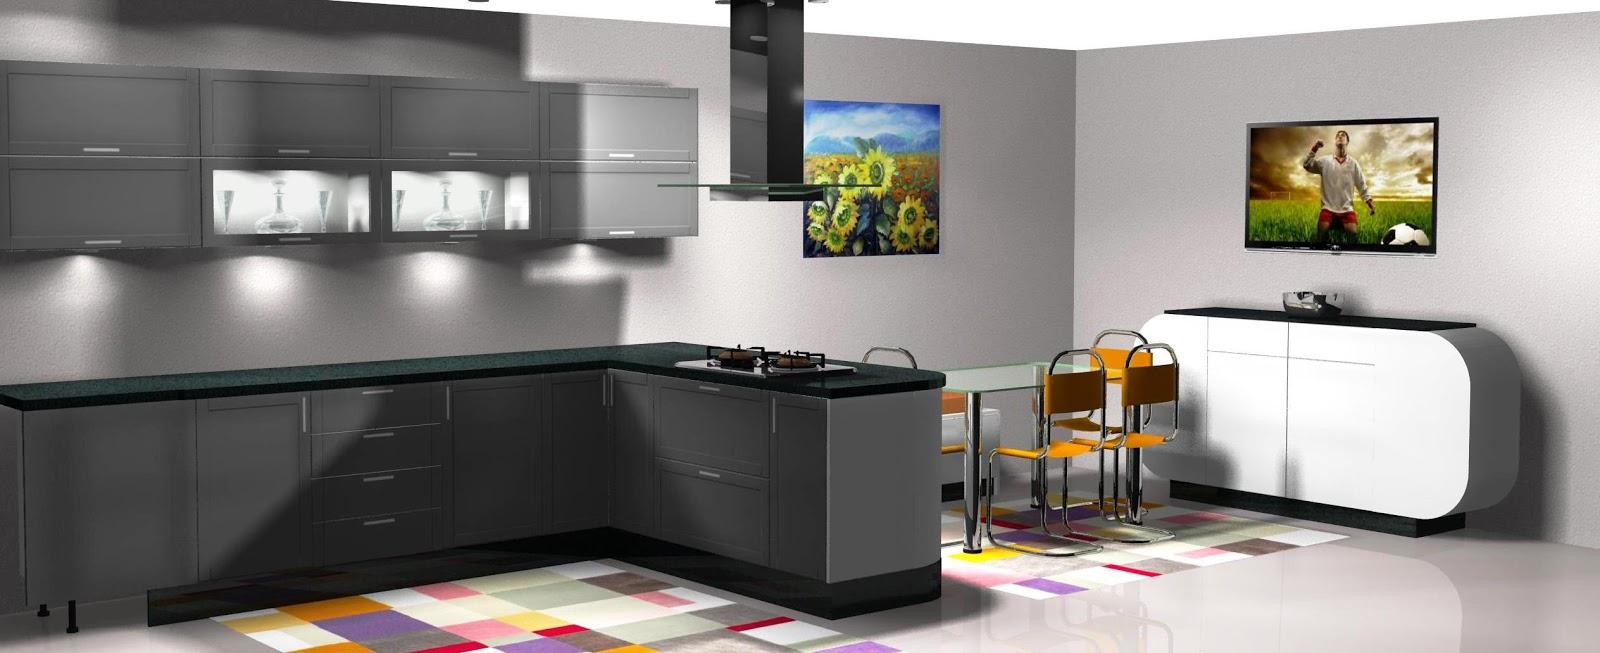 Diseño muebles de cocina Diseño de cocina lacada en blanco y gris